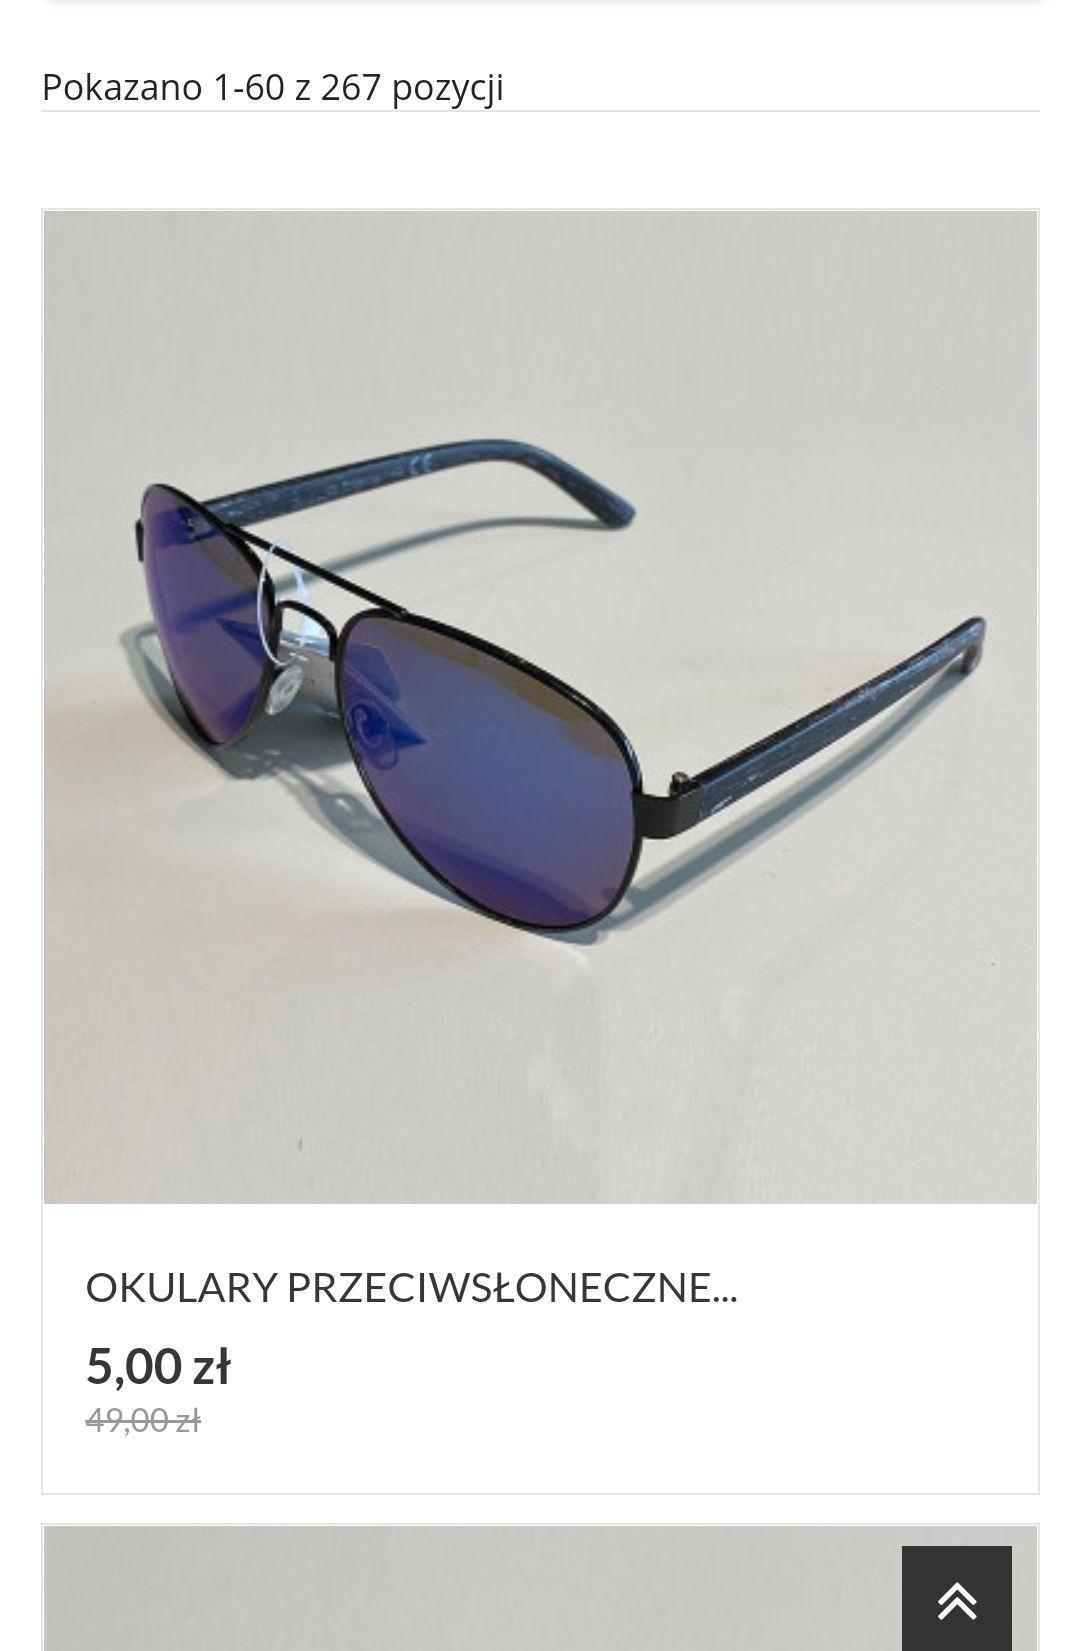 Okulary przeciwsłoneczne (więcej modeli do wyboru) - damskie, męskie oraz dziecięce